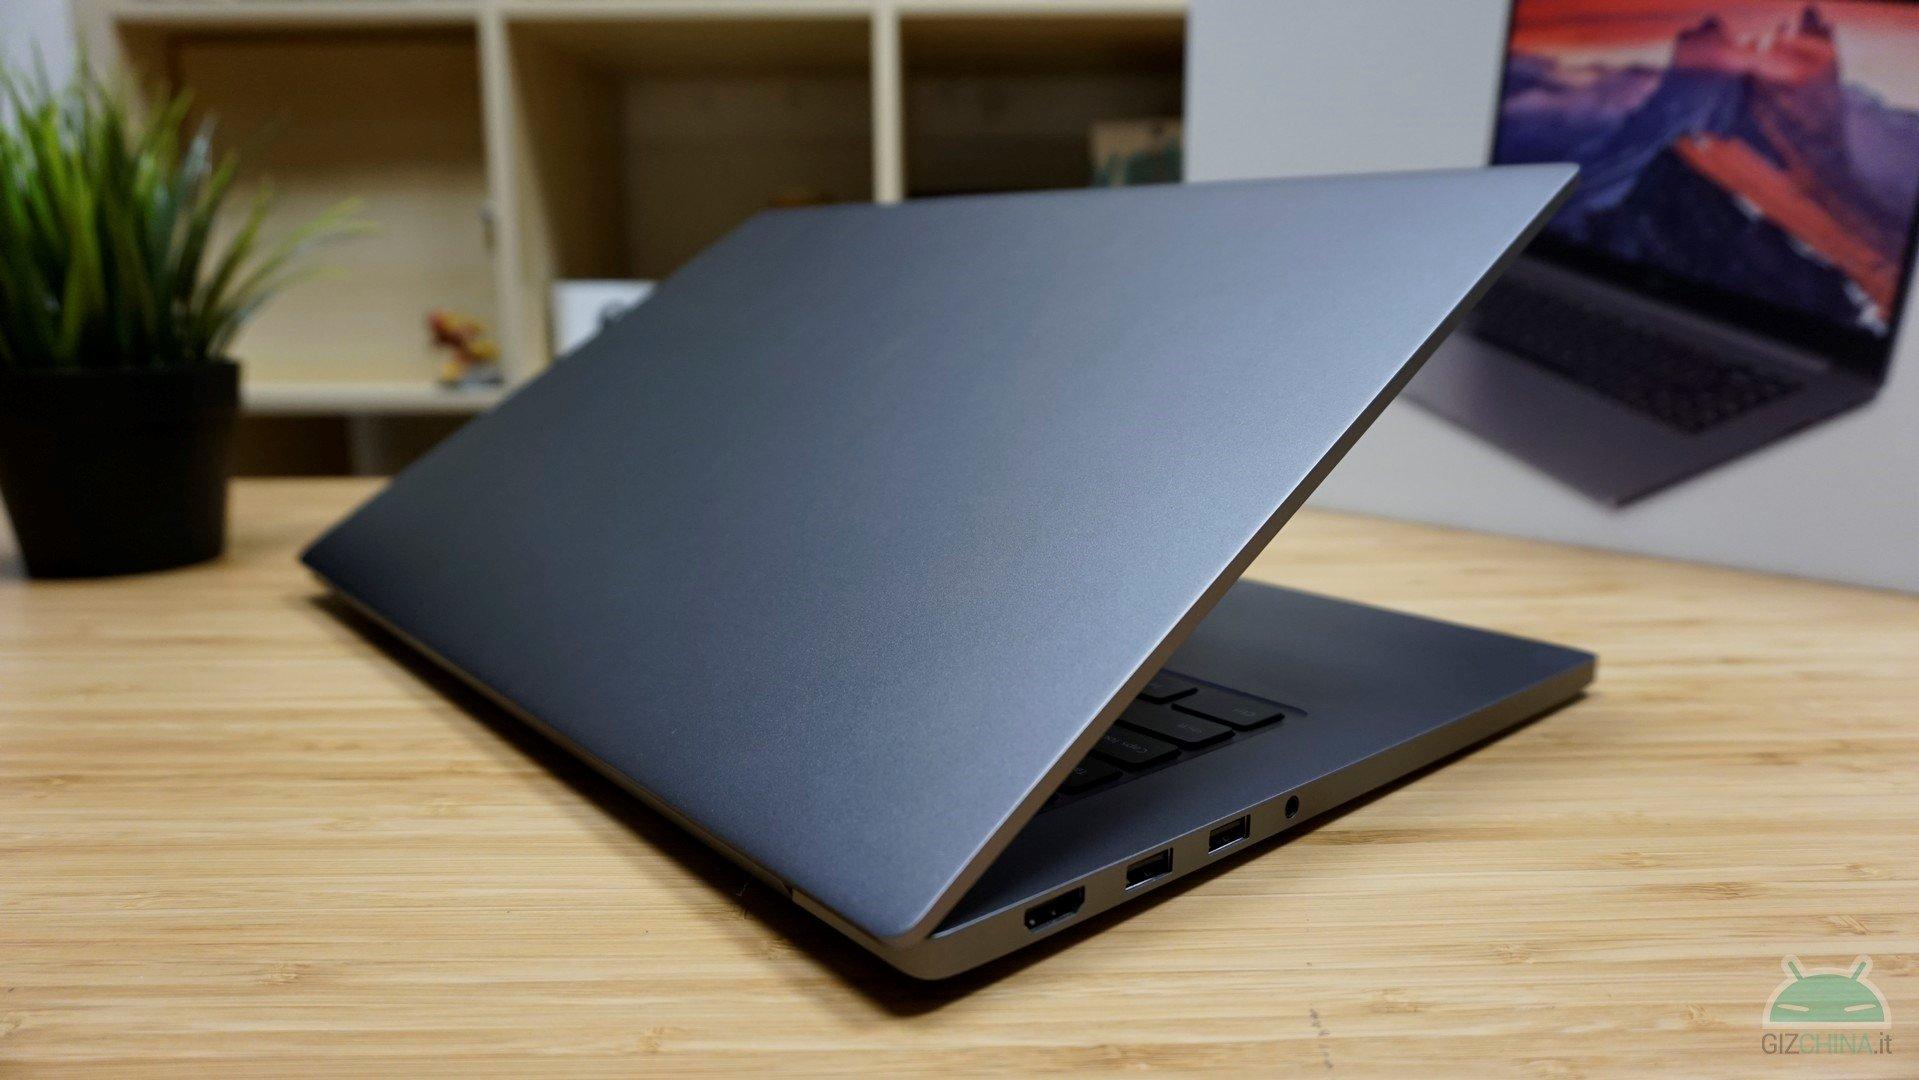 Xiaomi Mi Notebook Pro i5-8250U 8/256 GB NVIDIA GTX1050Max-Q - Banggood